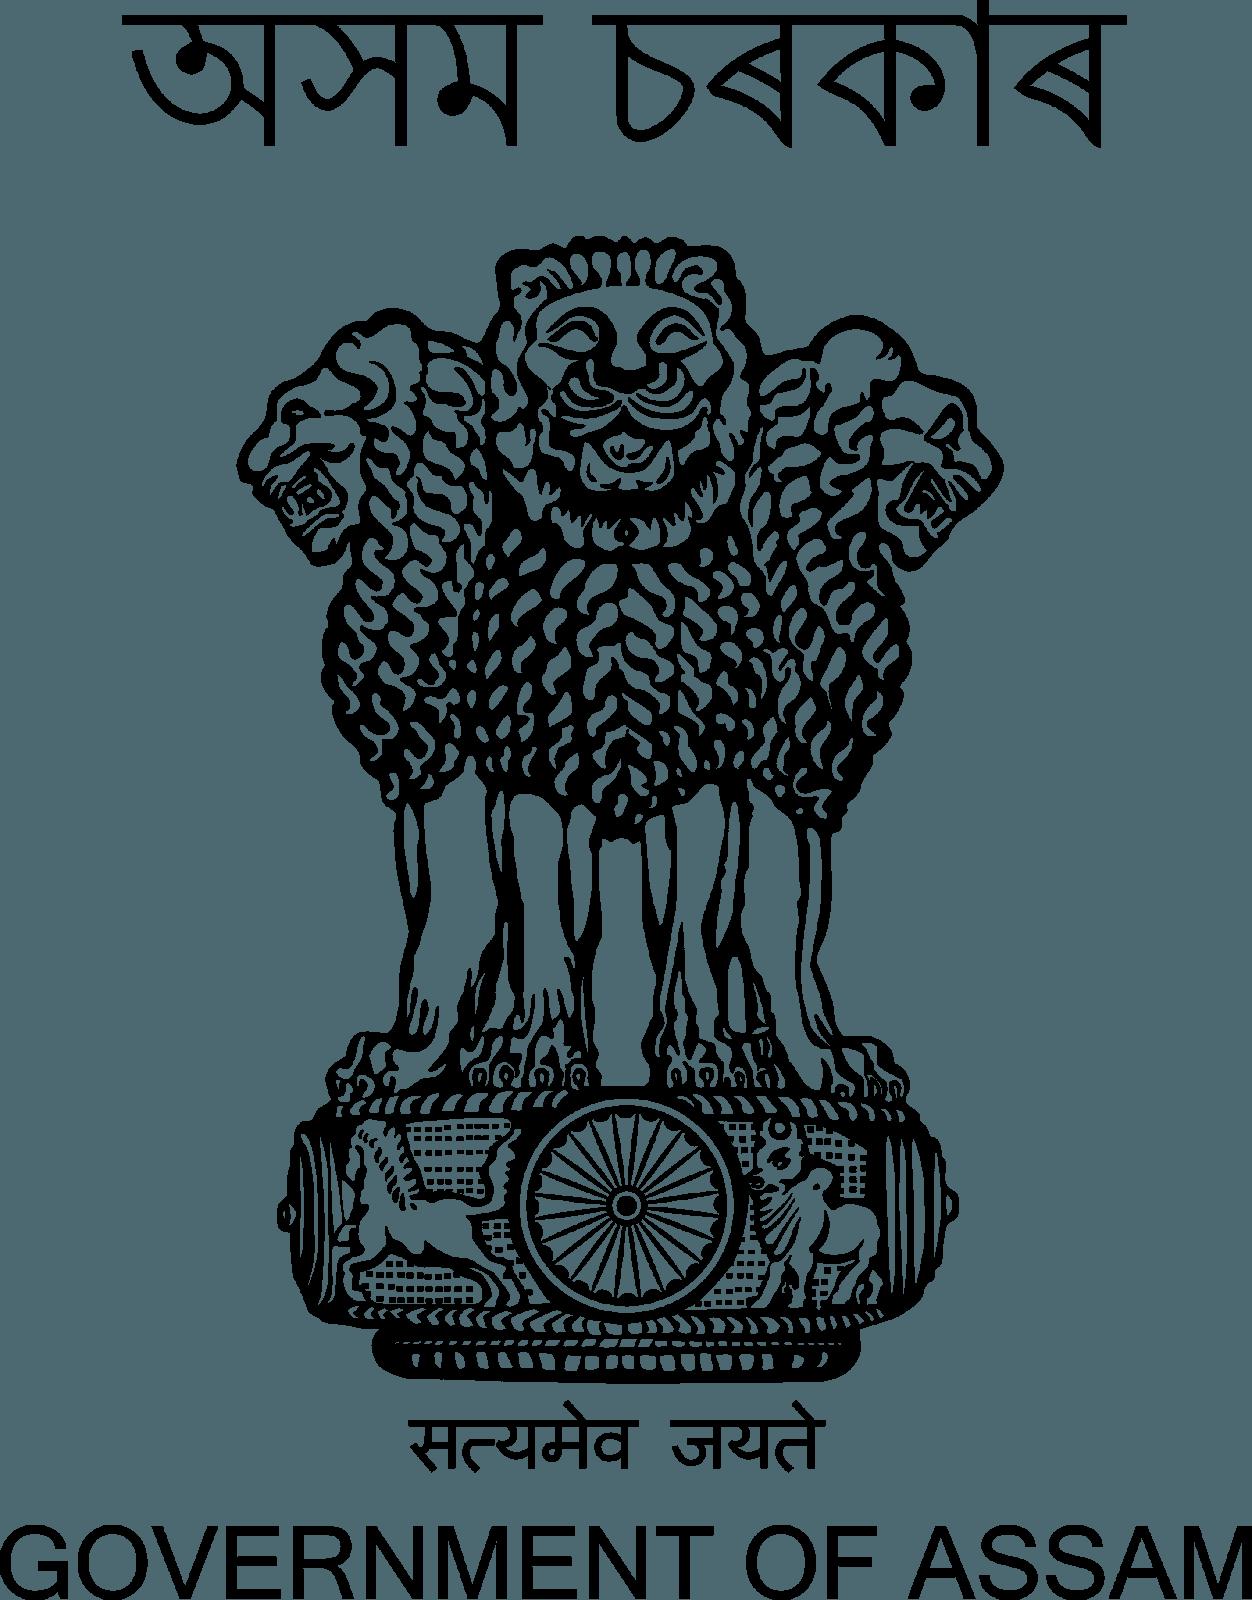 NaukriAssam (With images) National symbols, India flag